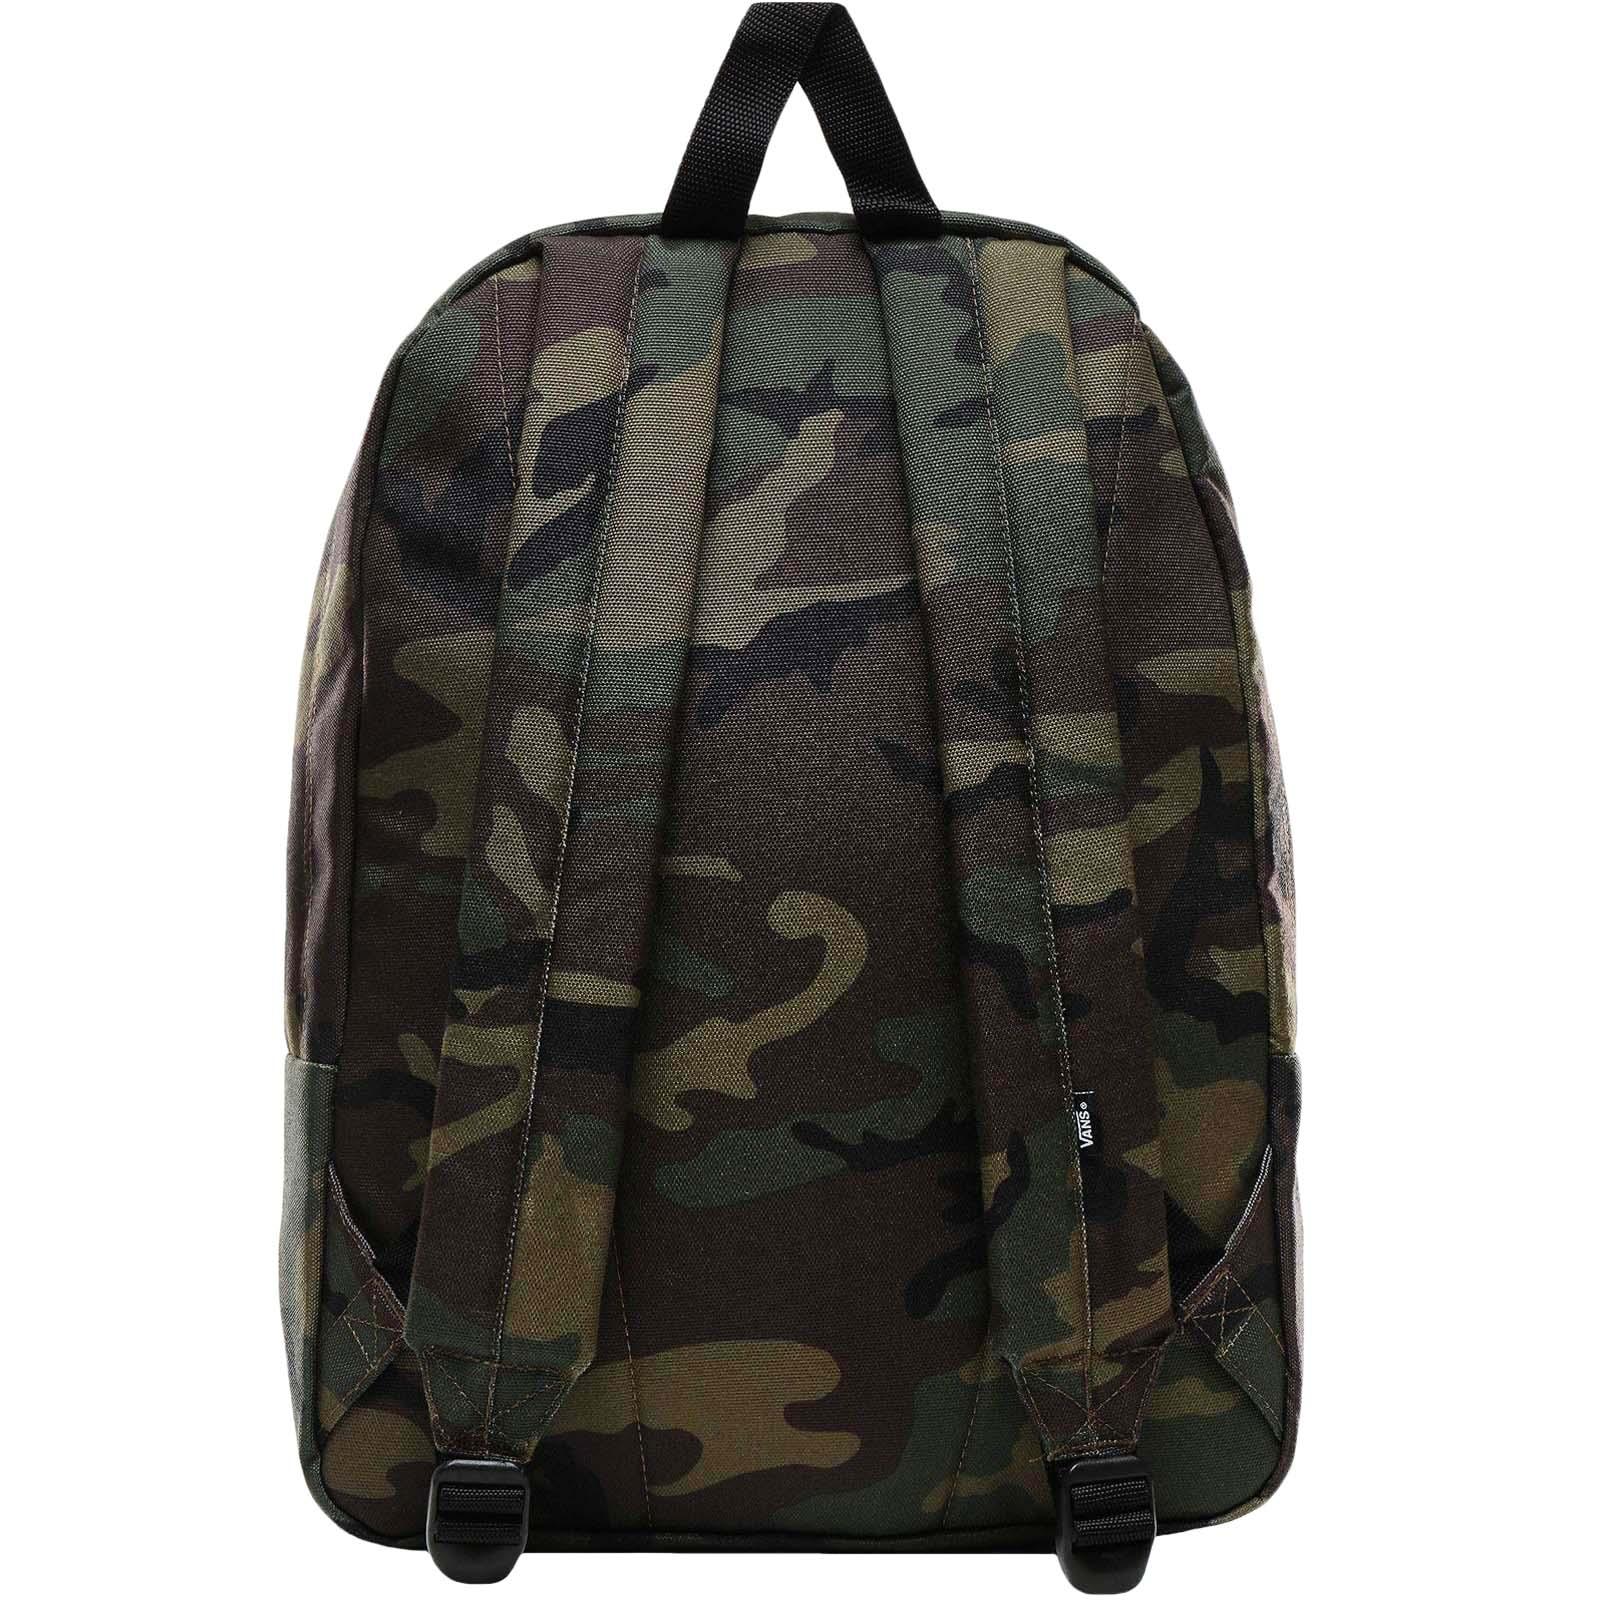 thumbnail 9 - Vans Adults Old Skool III School College Two Strap Backpack Rucksack Bag